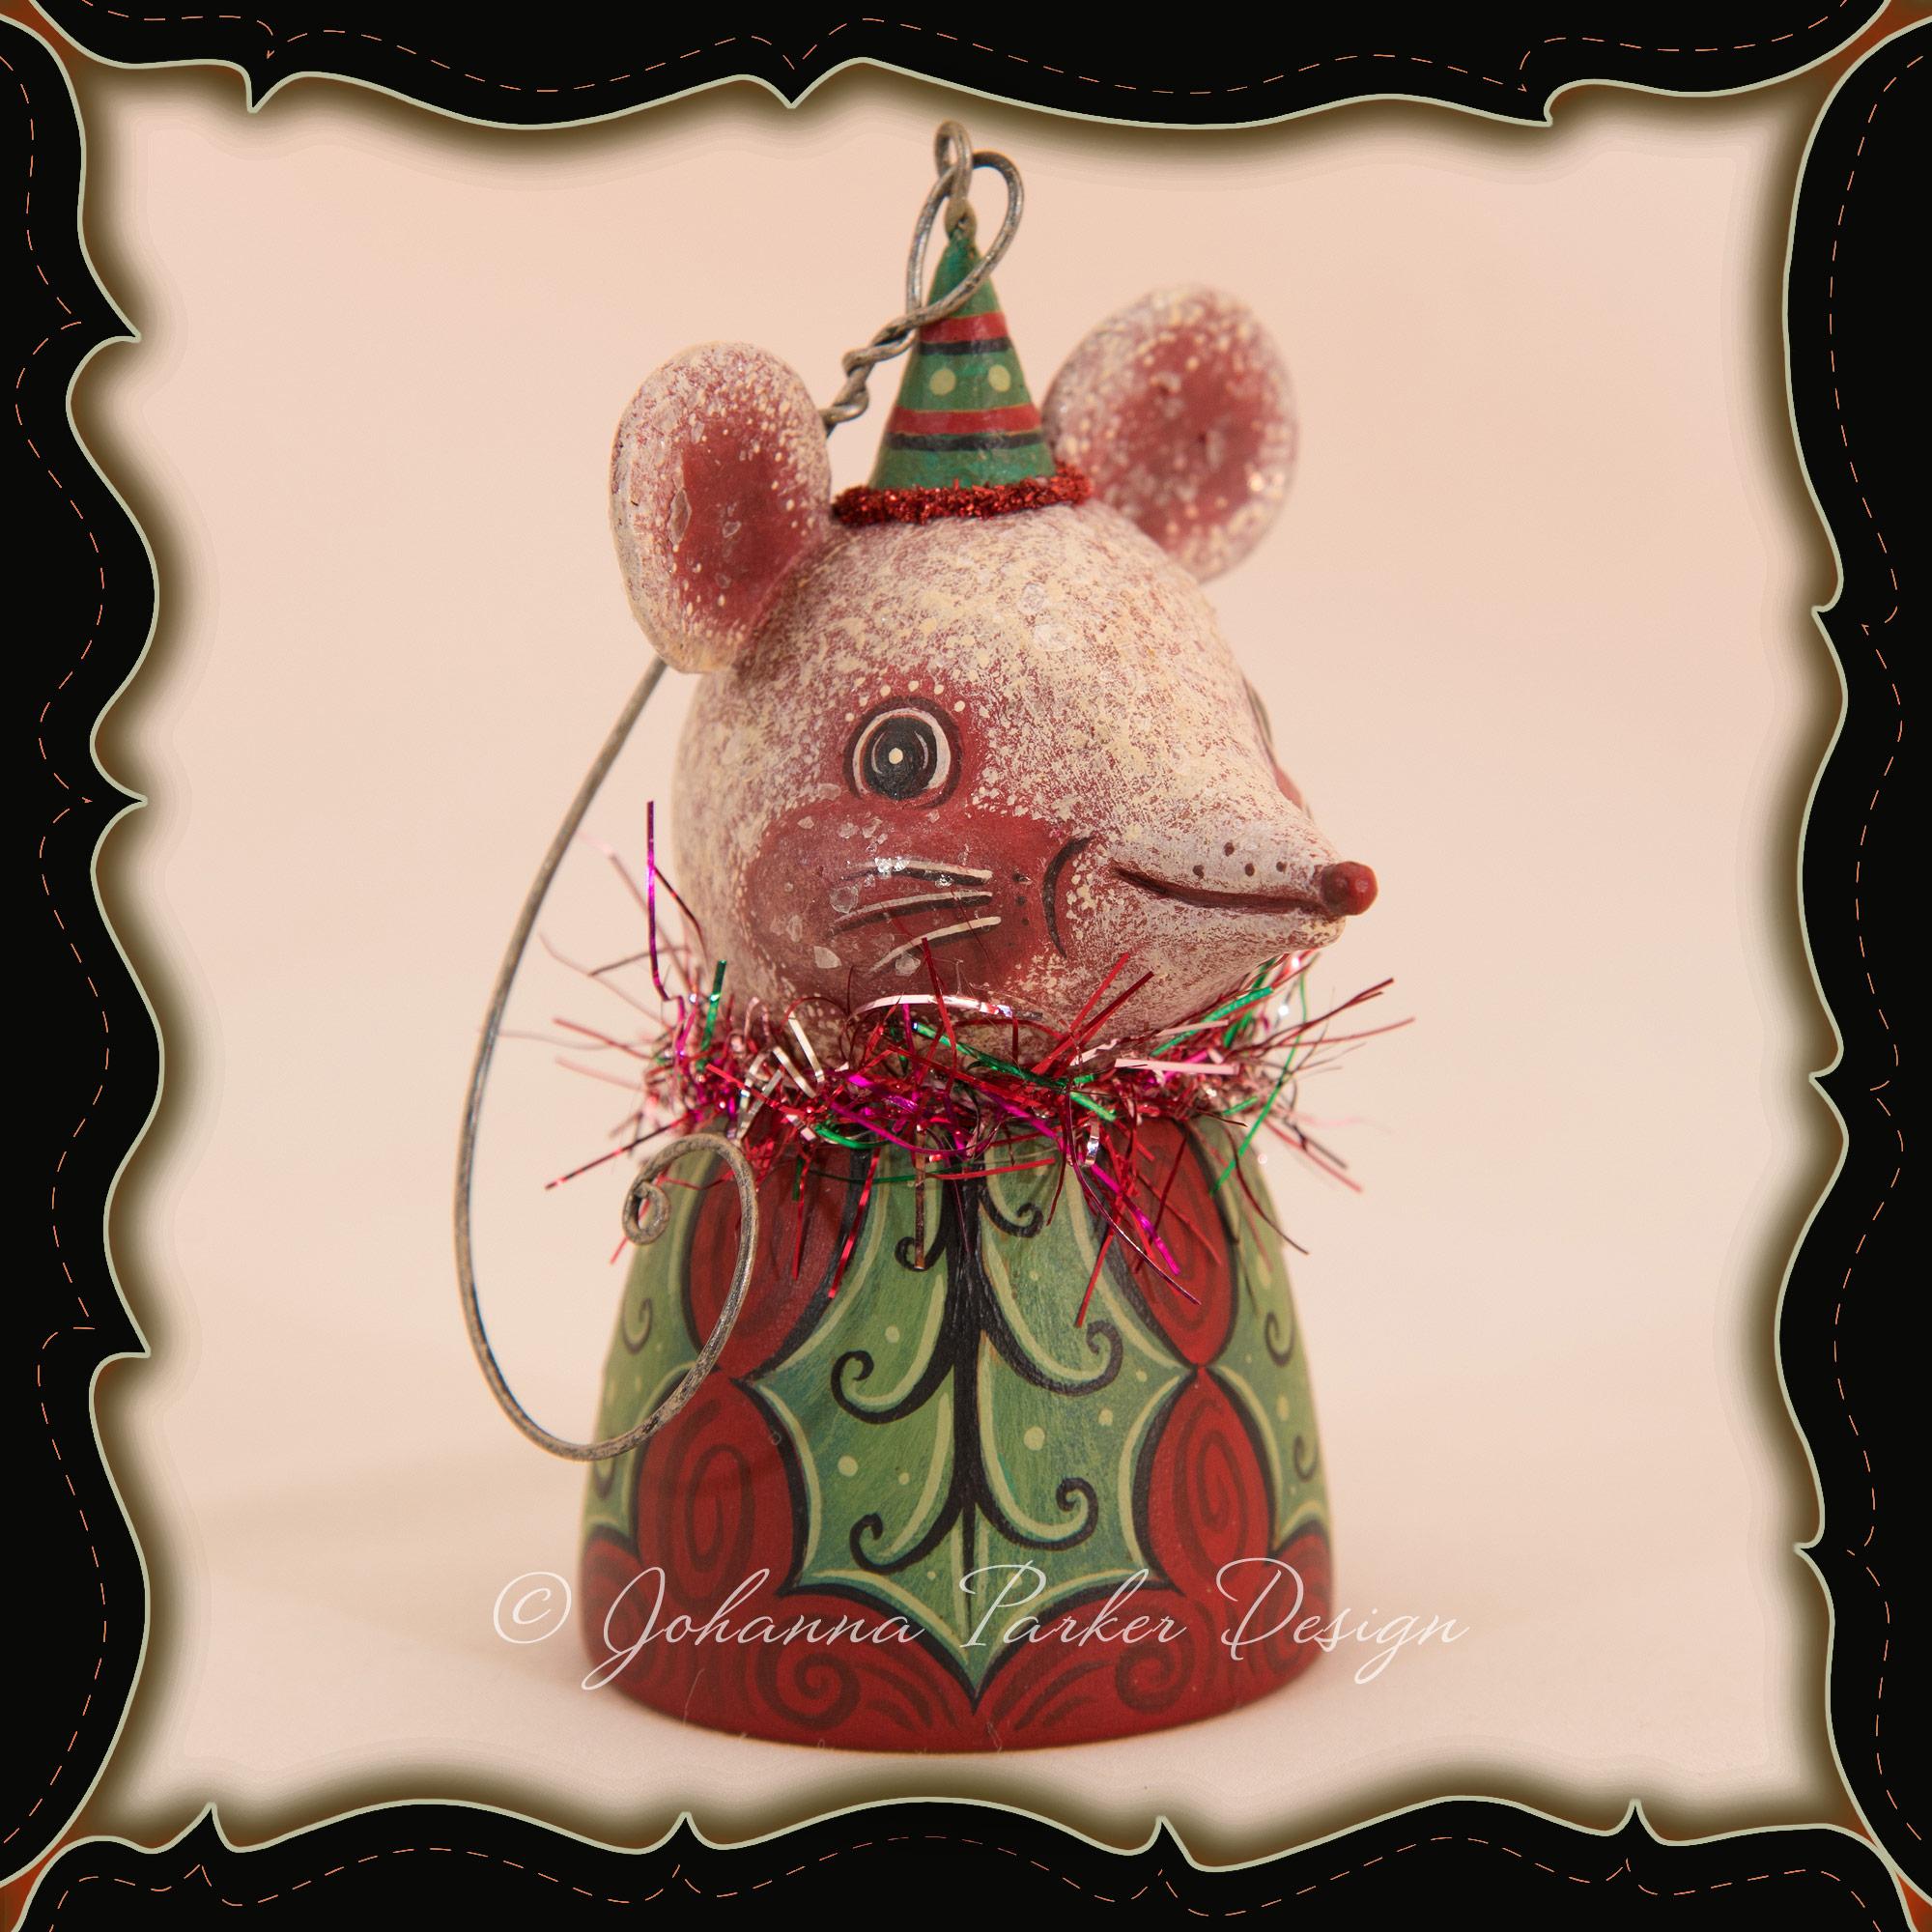 Johanna-Parker-Mouse-Ornament-Bell-Framed.jpg